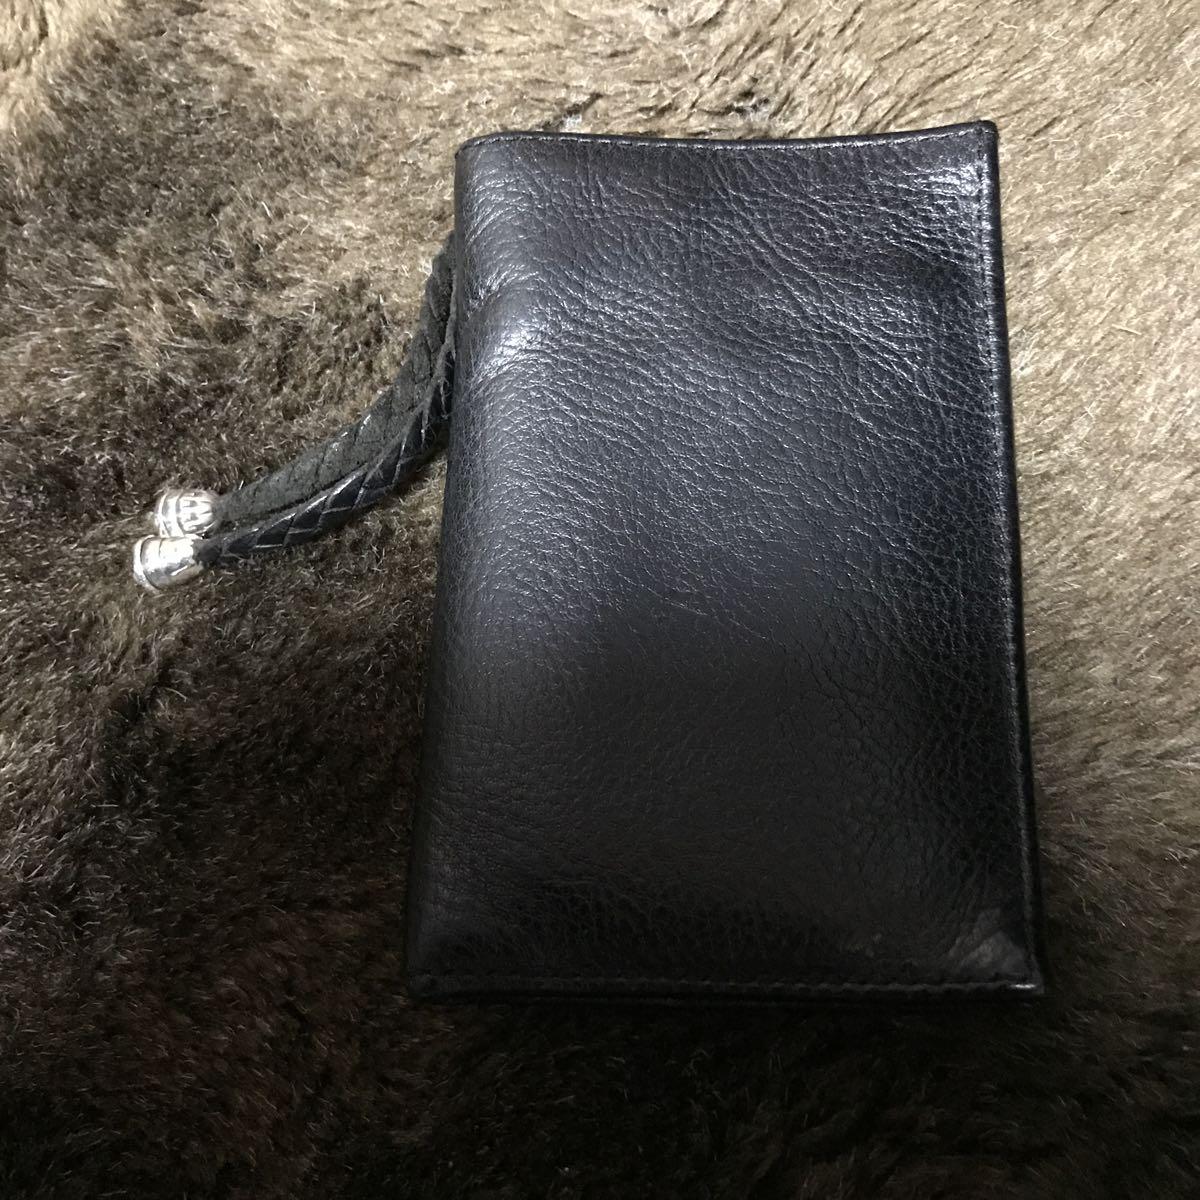 988d10bf5ce2 BWL ビルウォールレザー 二つ折りウォレット 財布 ストラップ付き_画像3